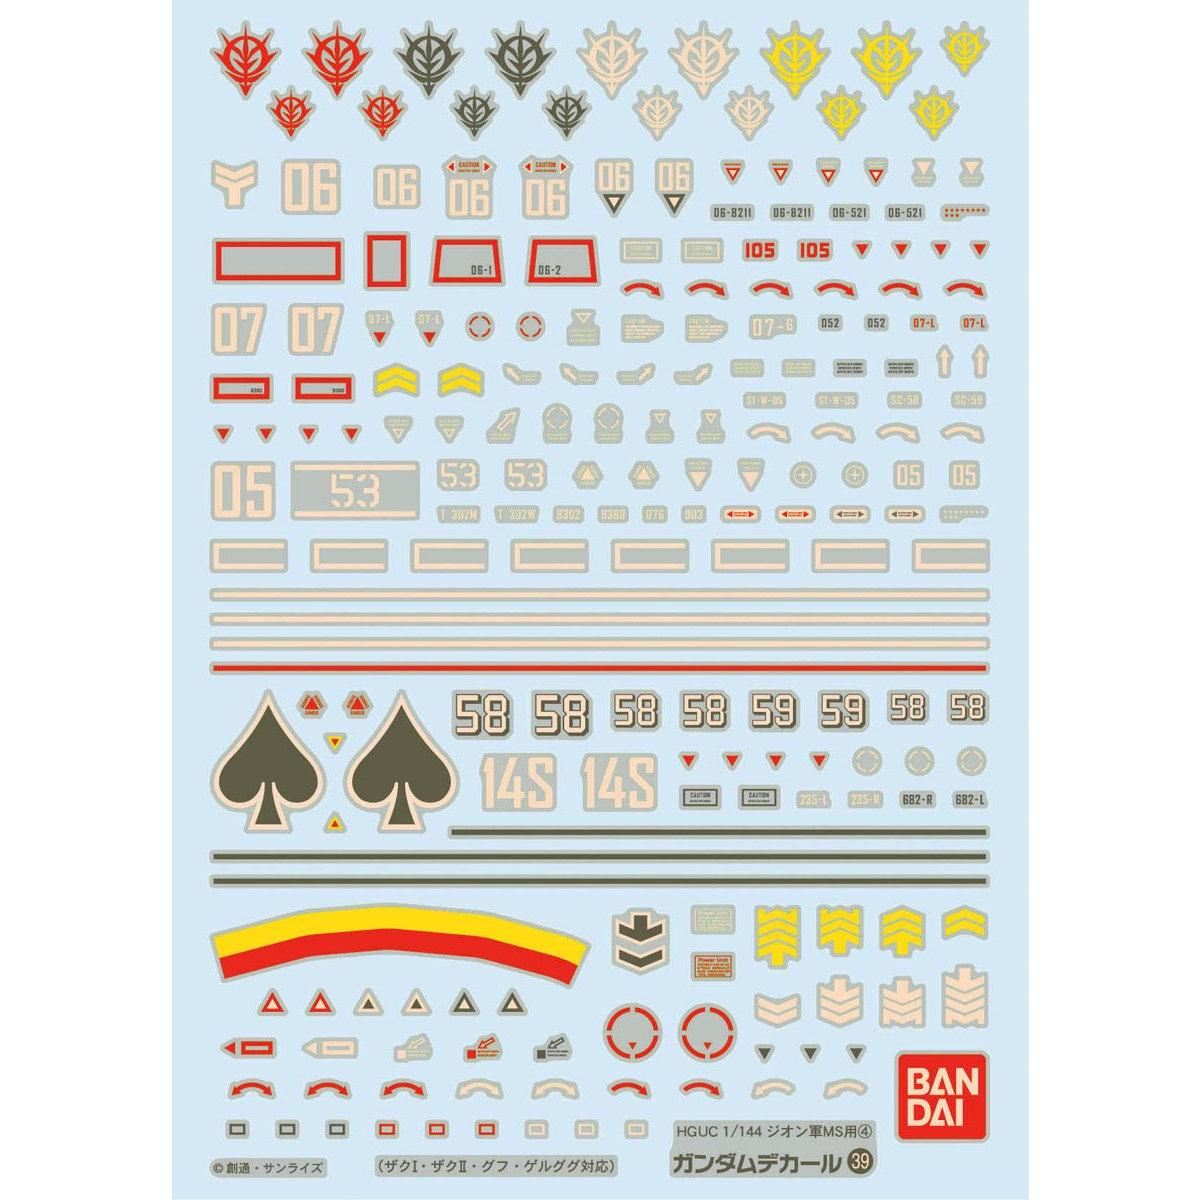 ガンダムデカール GD39 1/144 HGUC ジオン軍MS用(4)(HGUC 汎用 ジオンMS用) 0150680 4543112506801 5061141 4573102611413